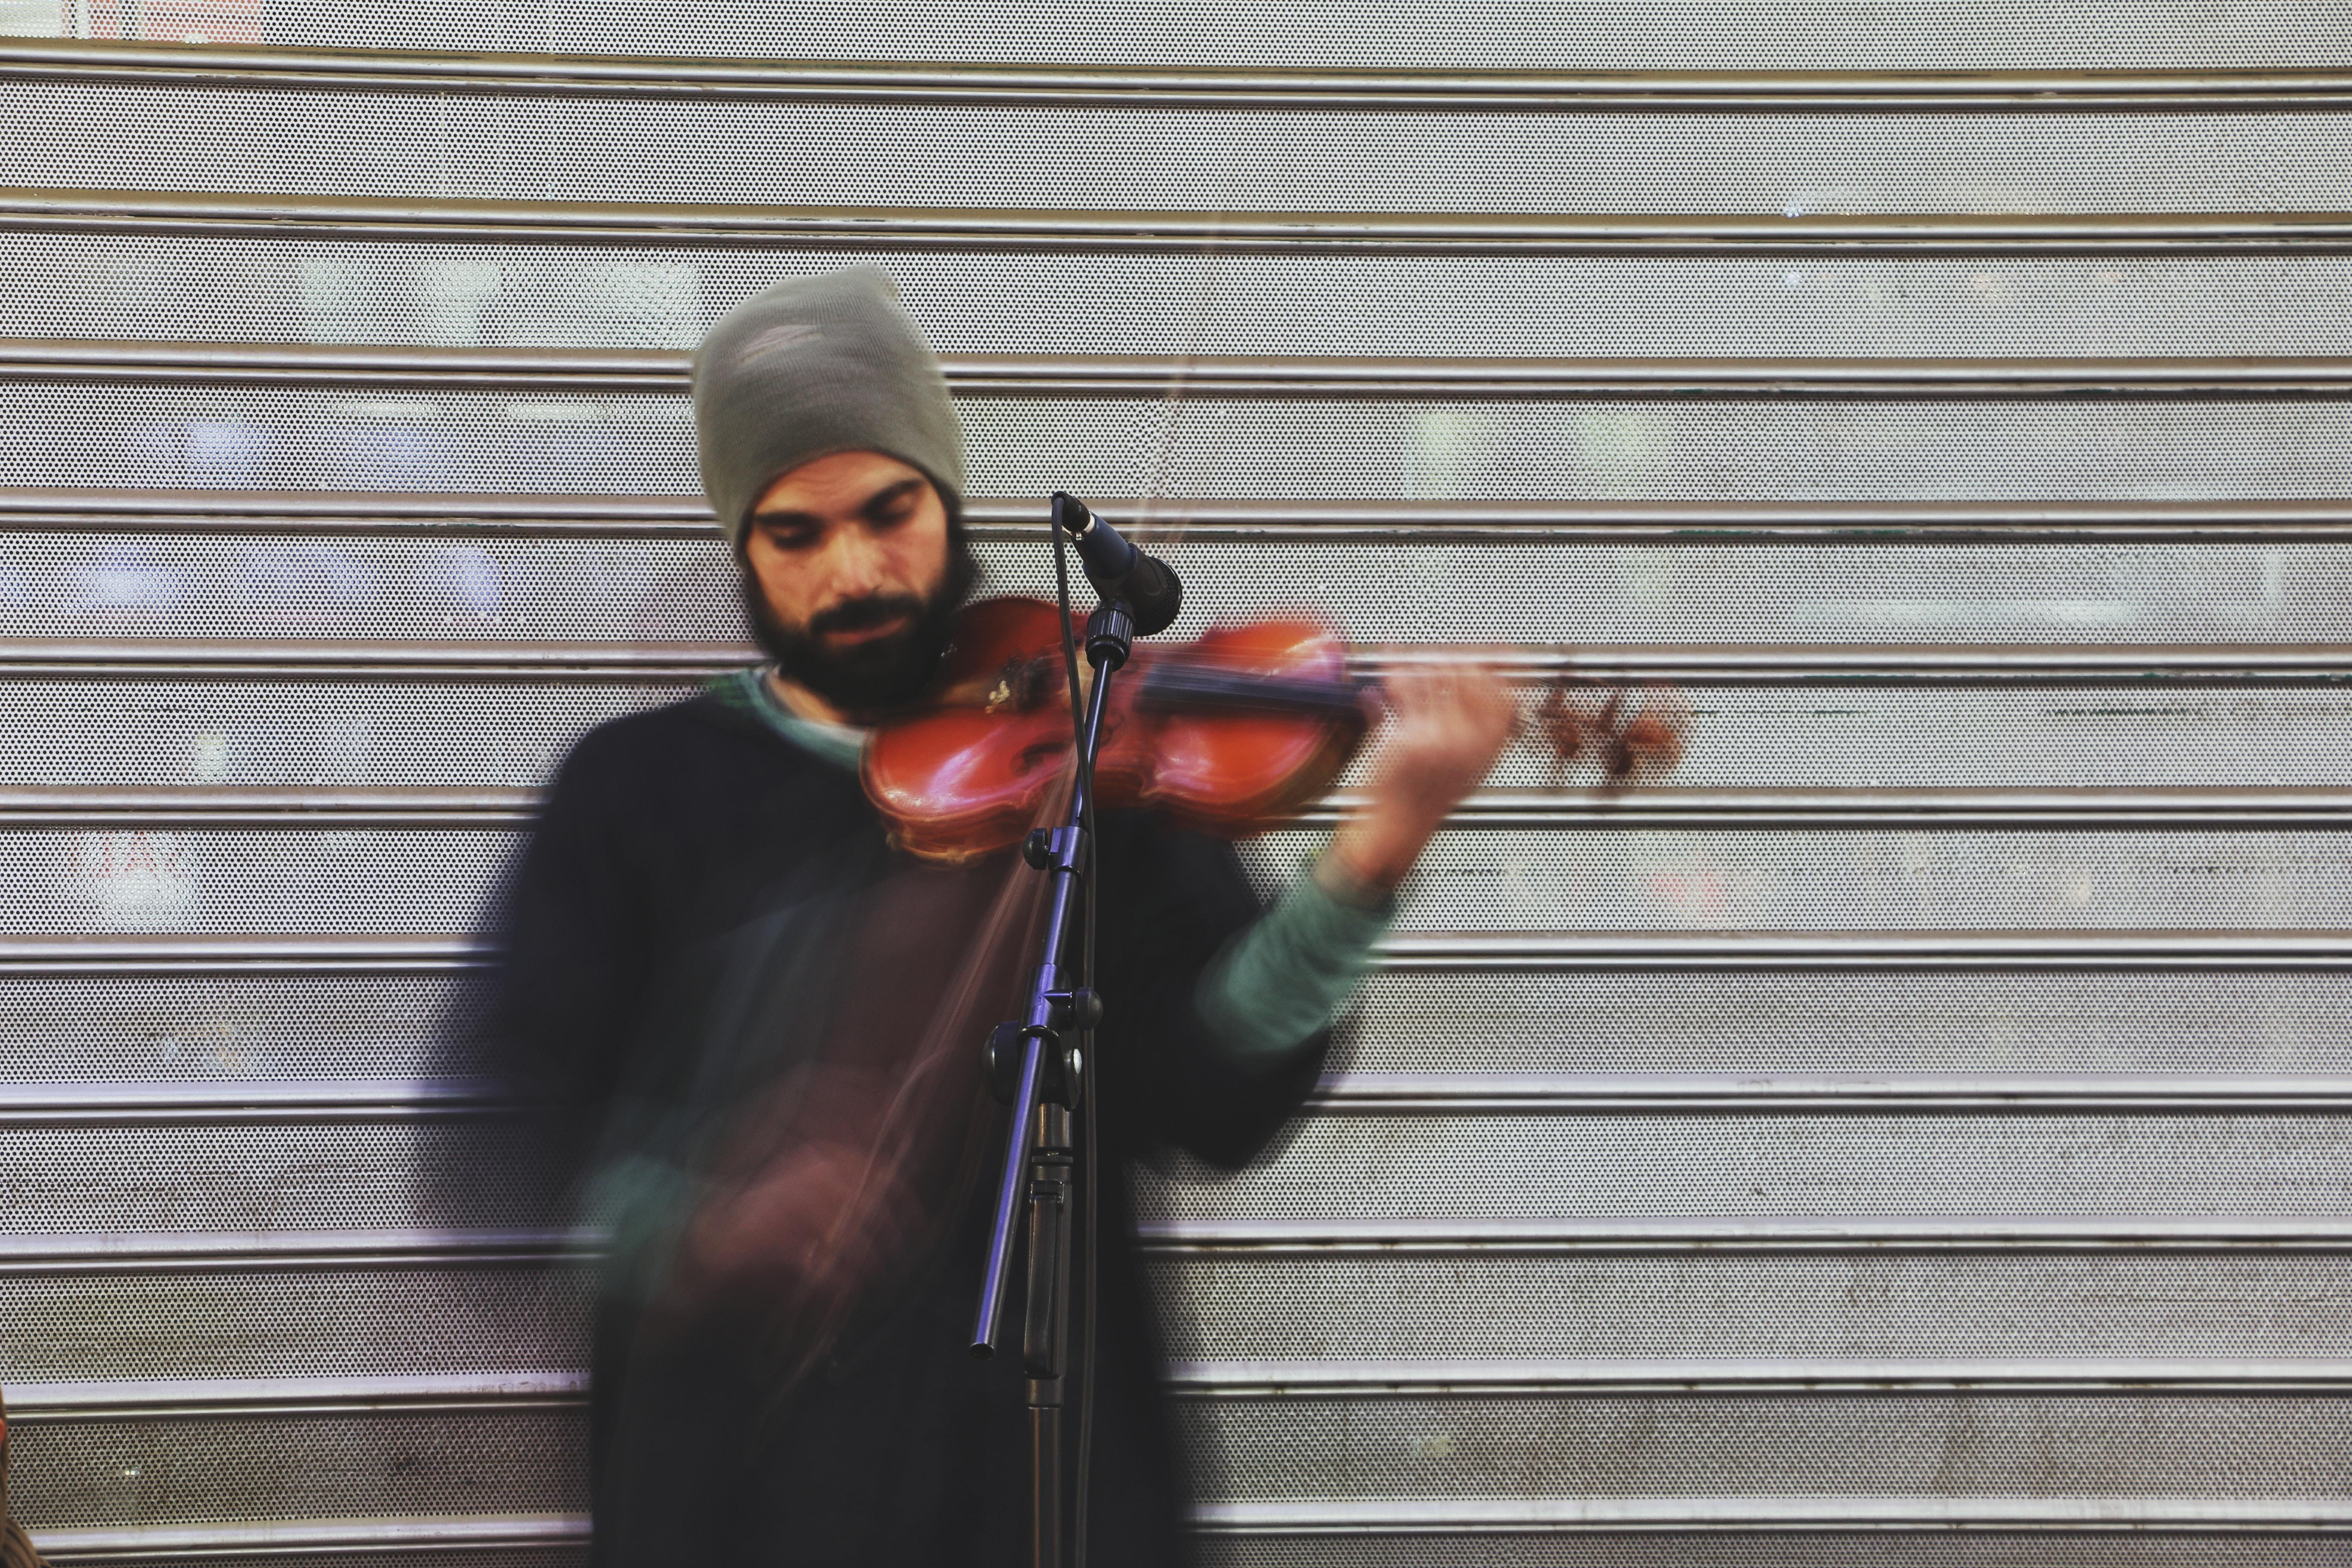 man playing violin during daytime